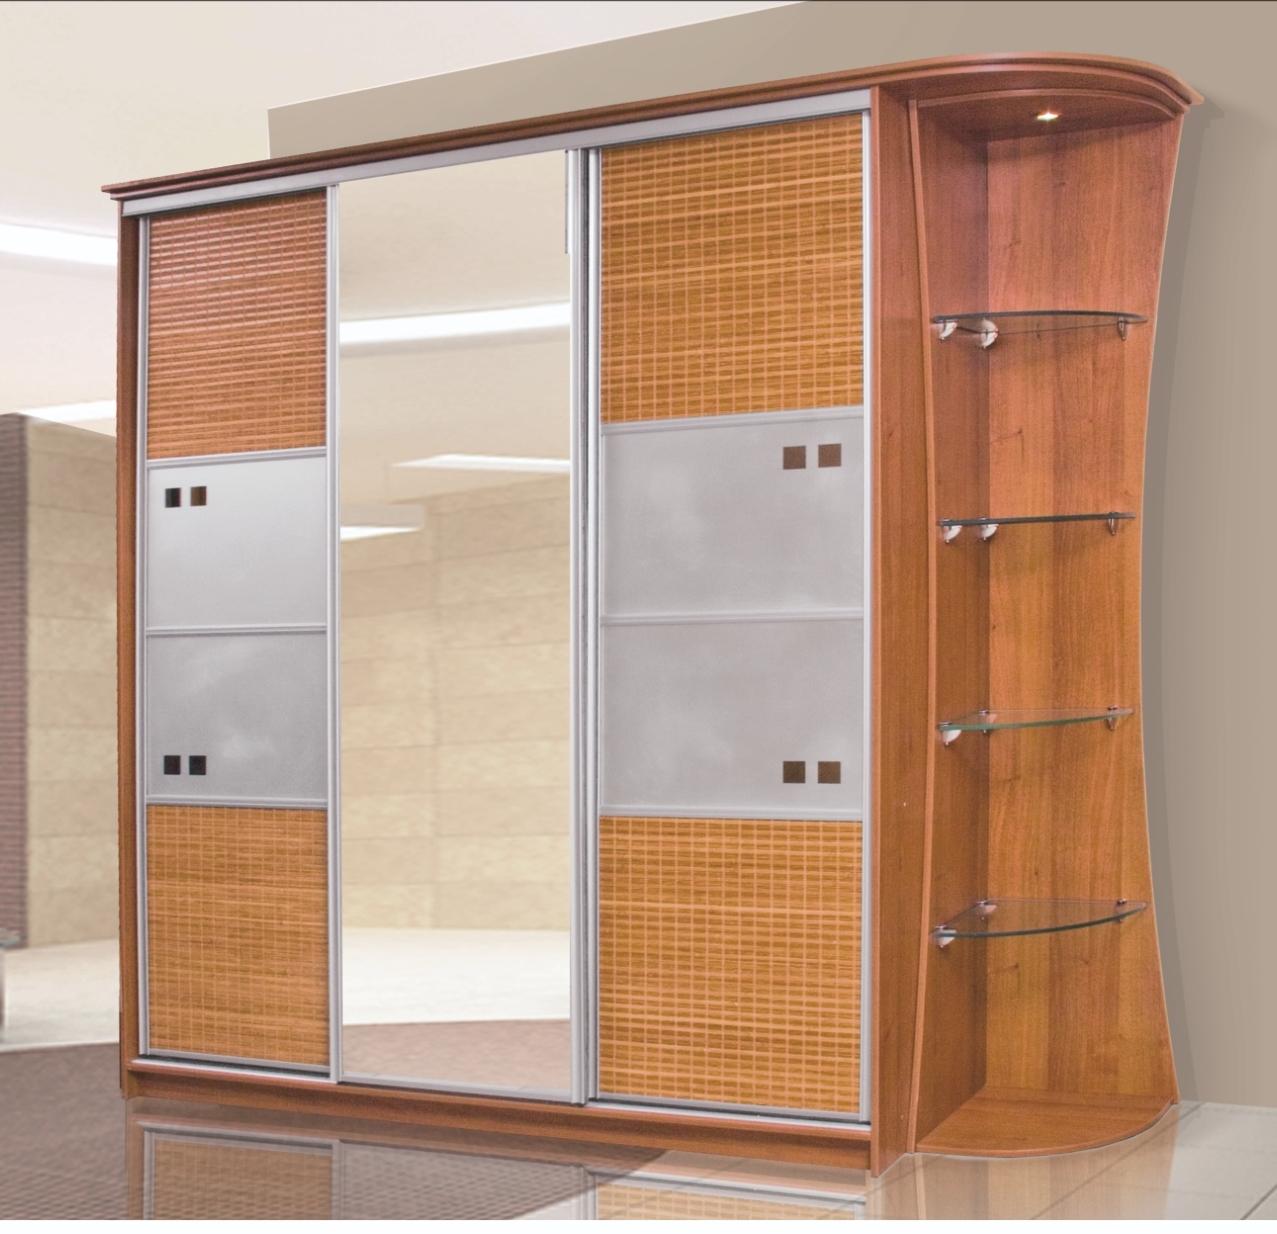 Кухни, столы, стулья, прихожие, шкафы-купе в мебельном салон.